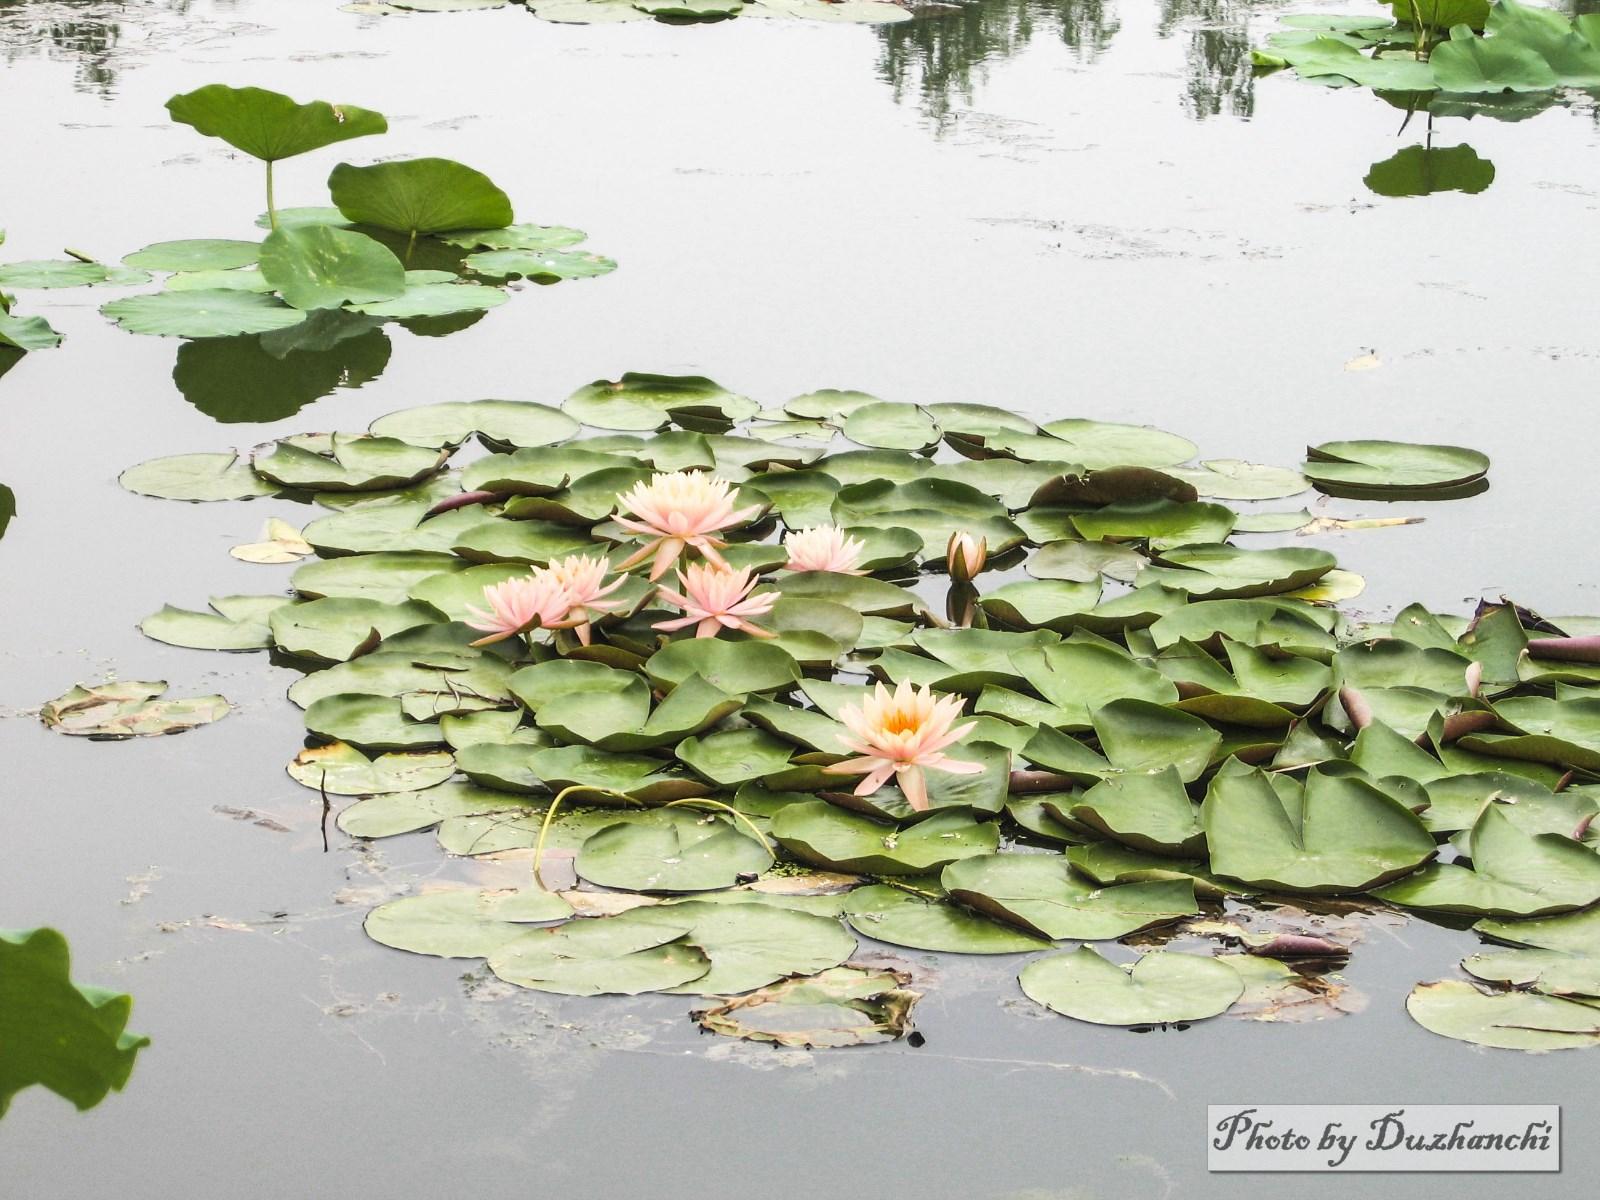 2北京植物园 015 (27)_1-1.jpg